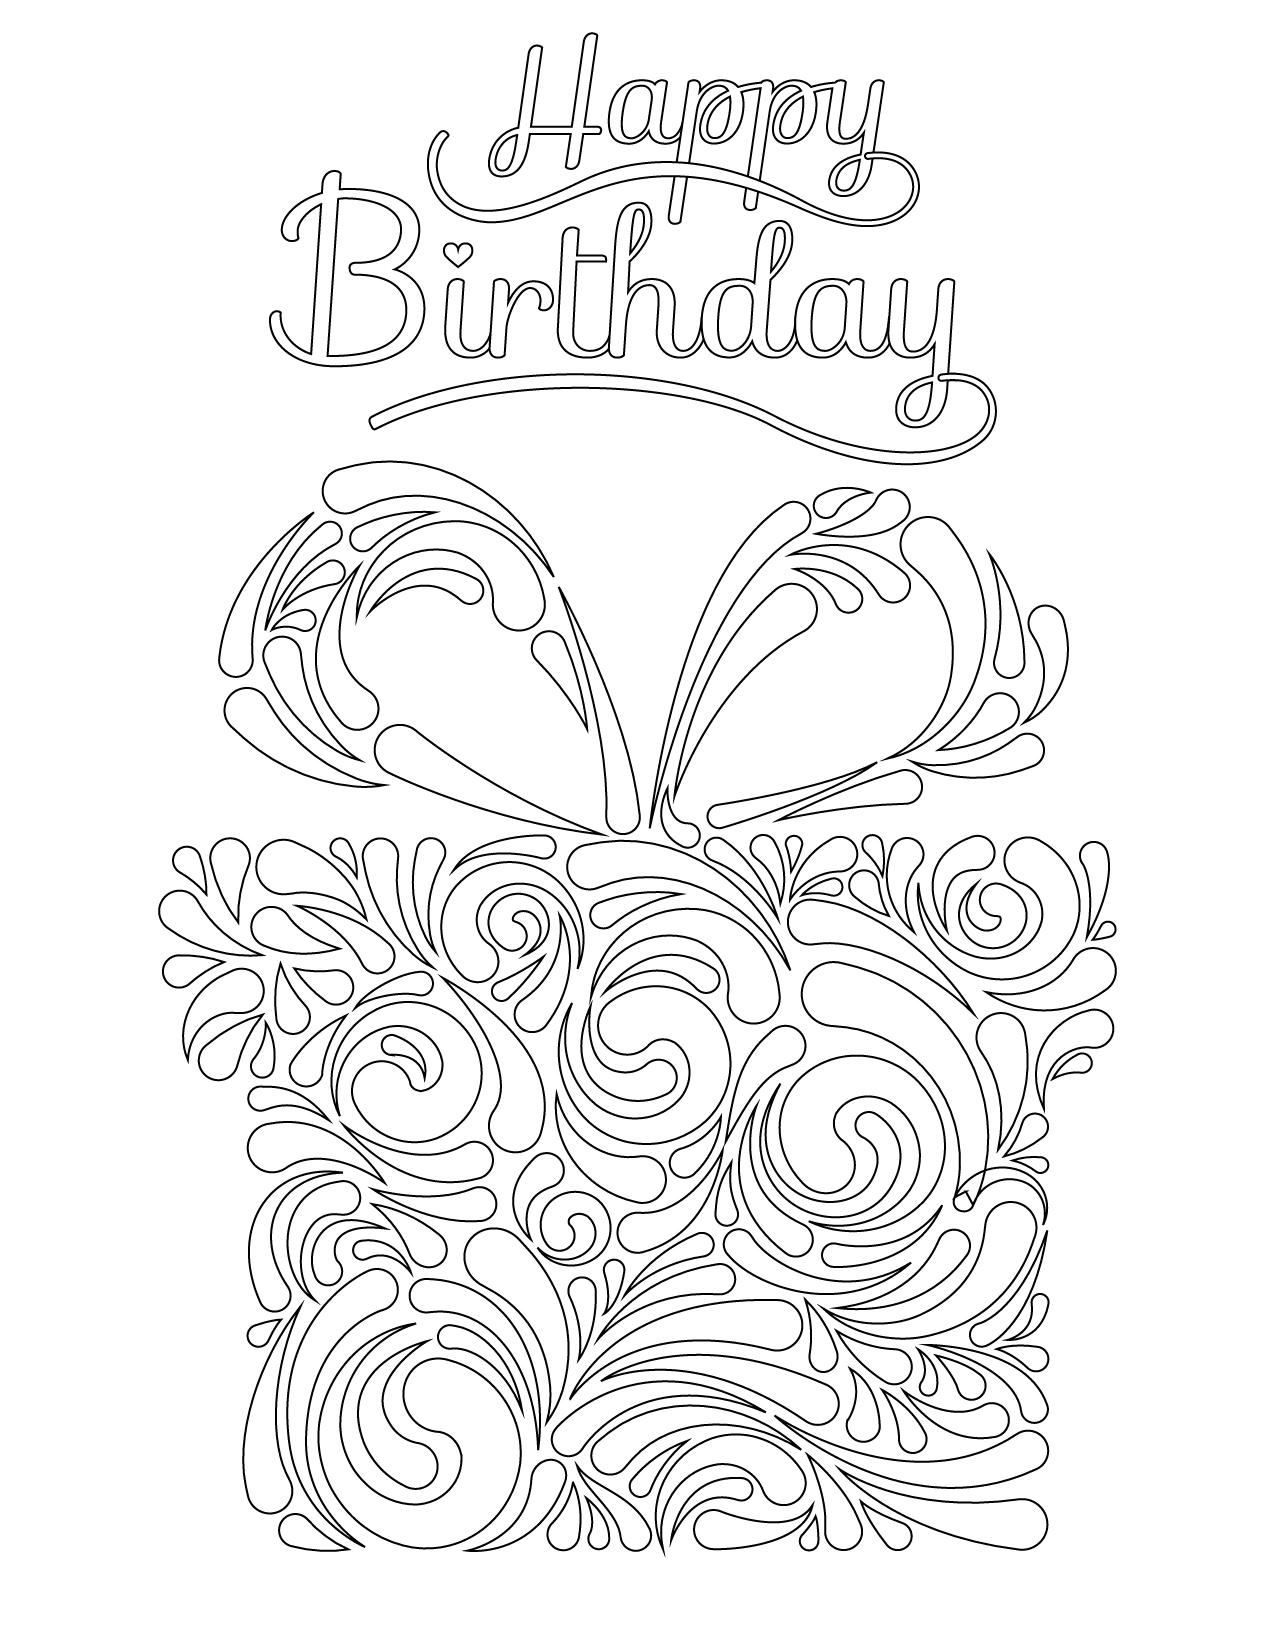 Joyeux anniversaire notre fondatrice impression dessin - Dessin cadeau anniversaire ...